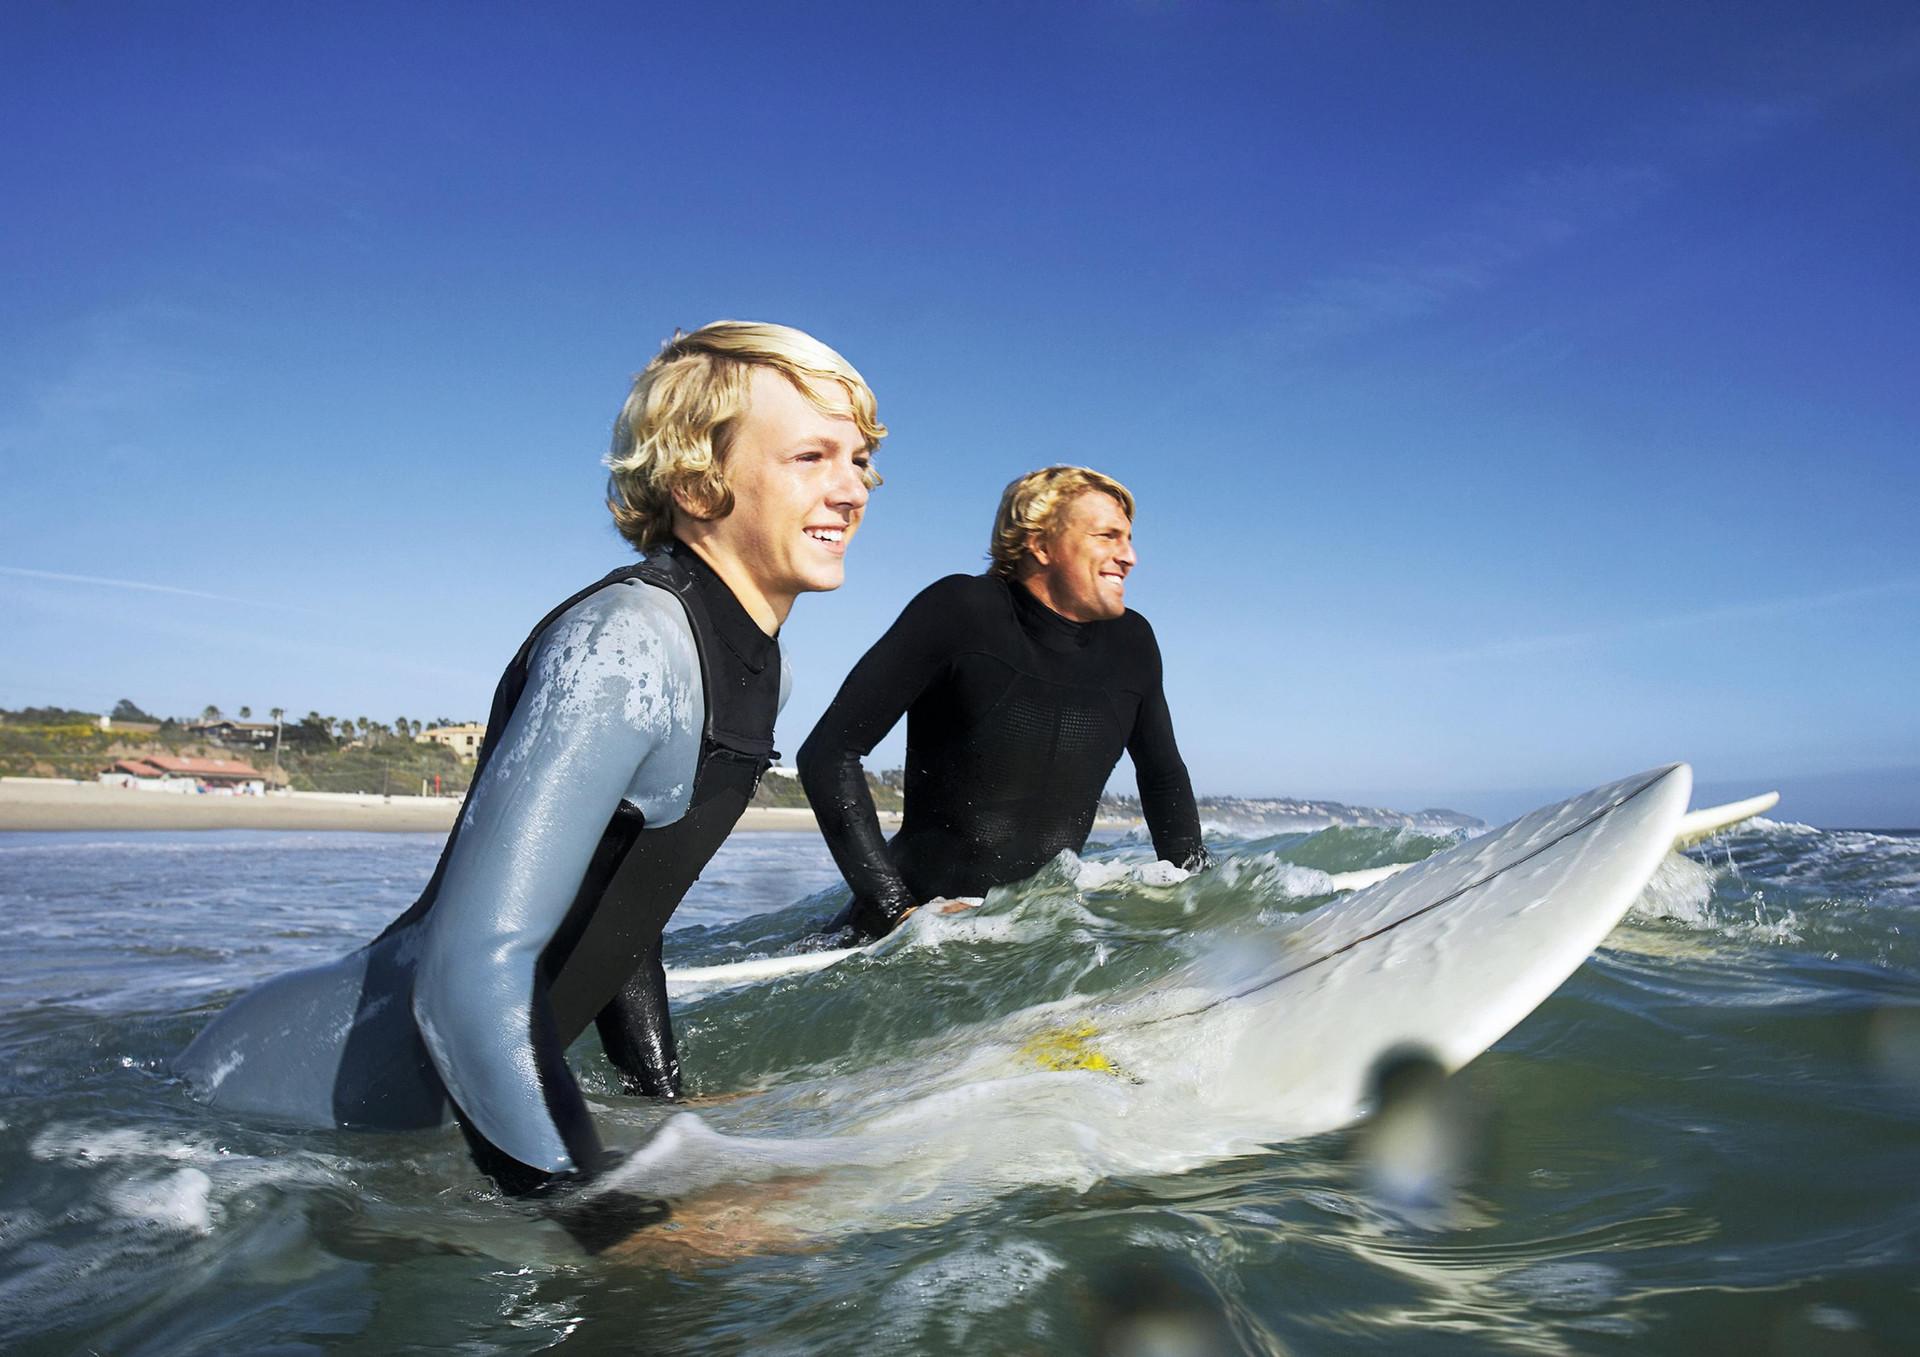 chicos surfeando.jpg